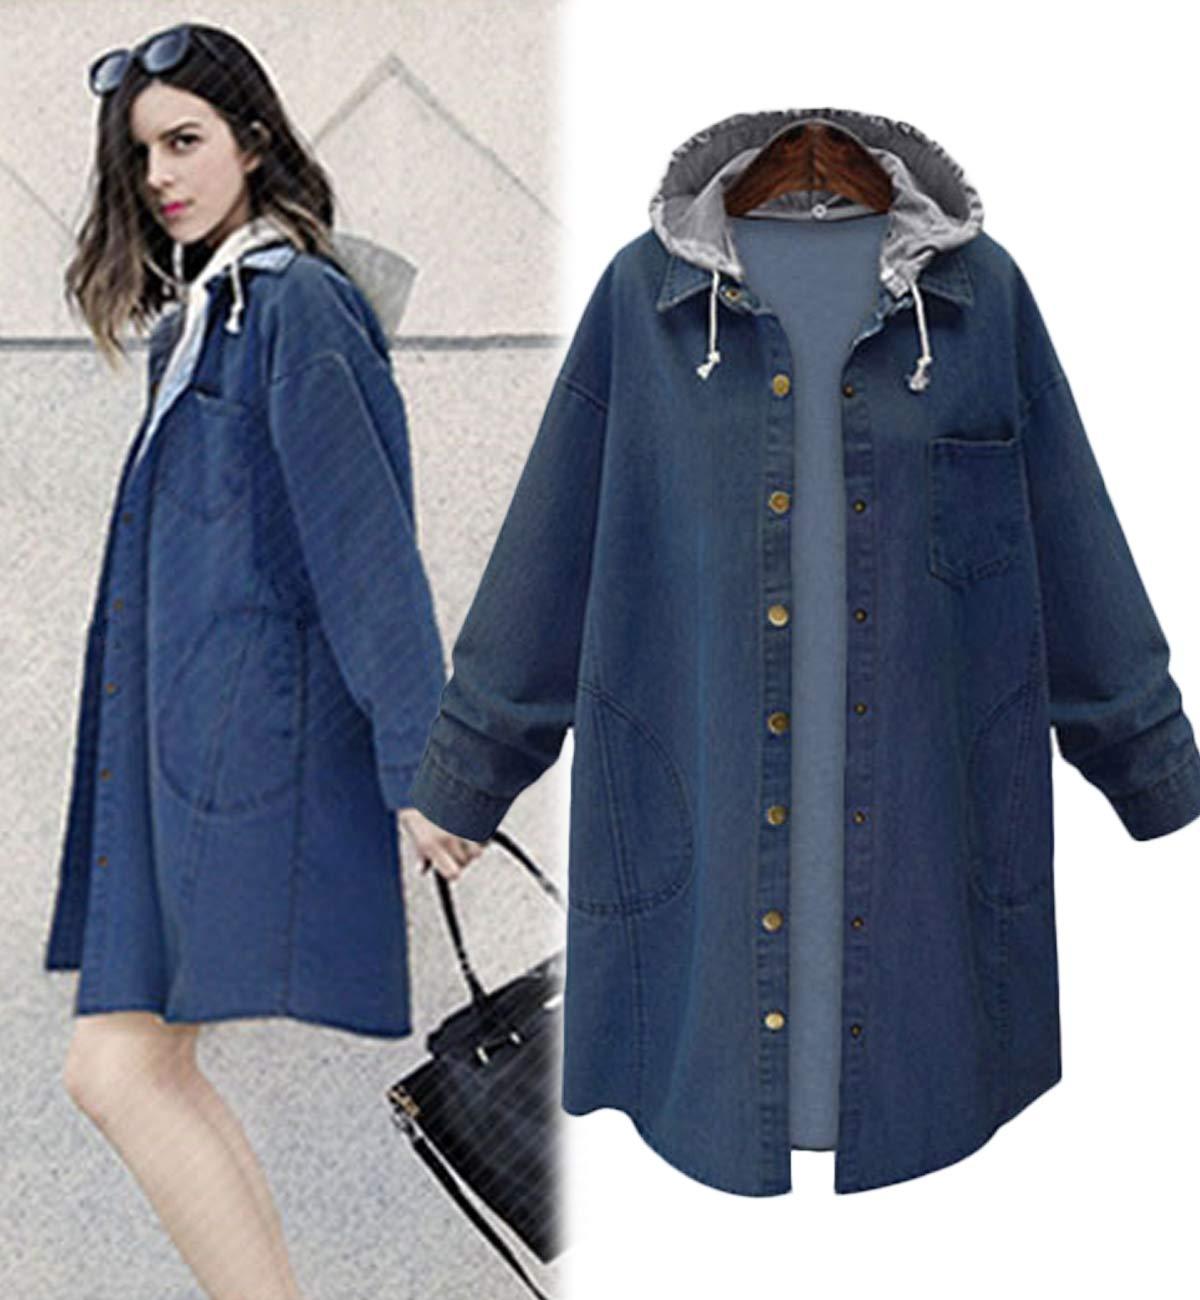 Innifer Women's Casual Long Denim Coat with Hood Long Sleeve Windbreaker Plus Size Jean Jacket Outwear